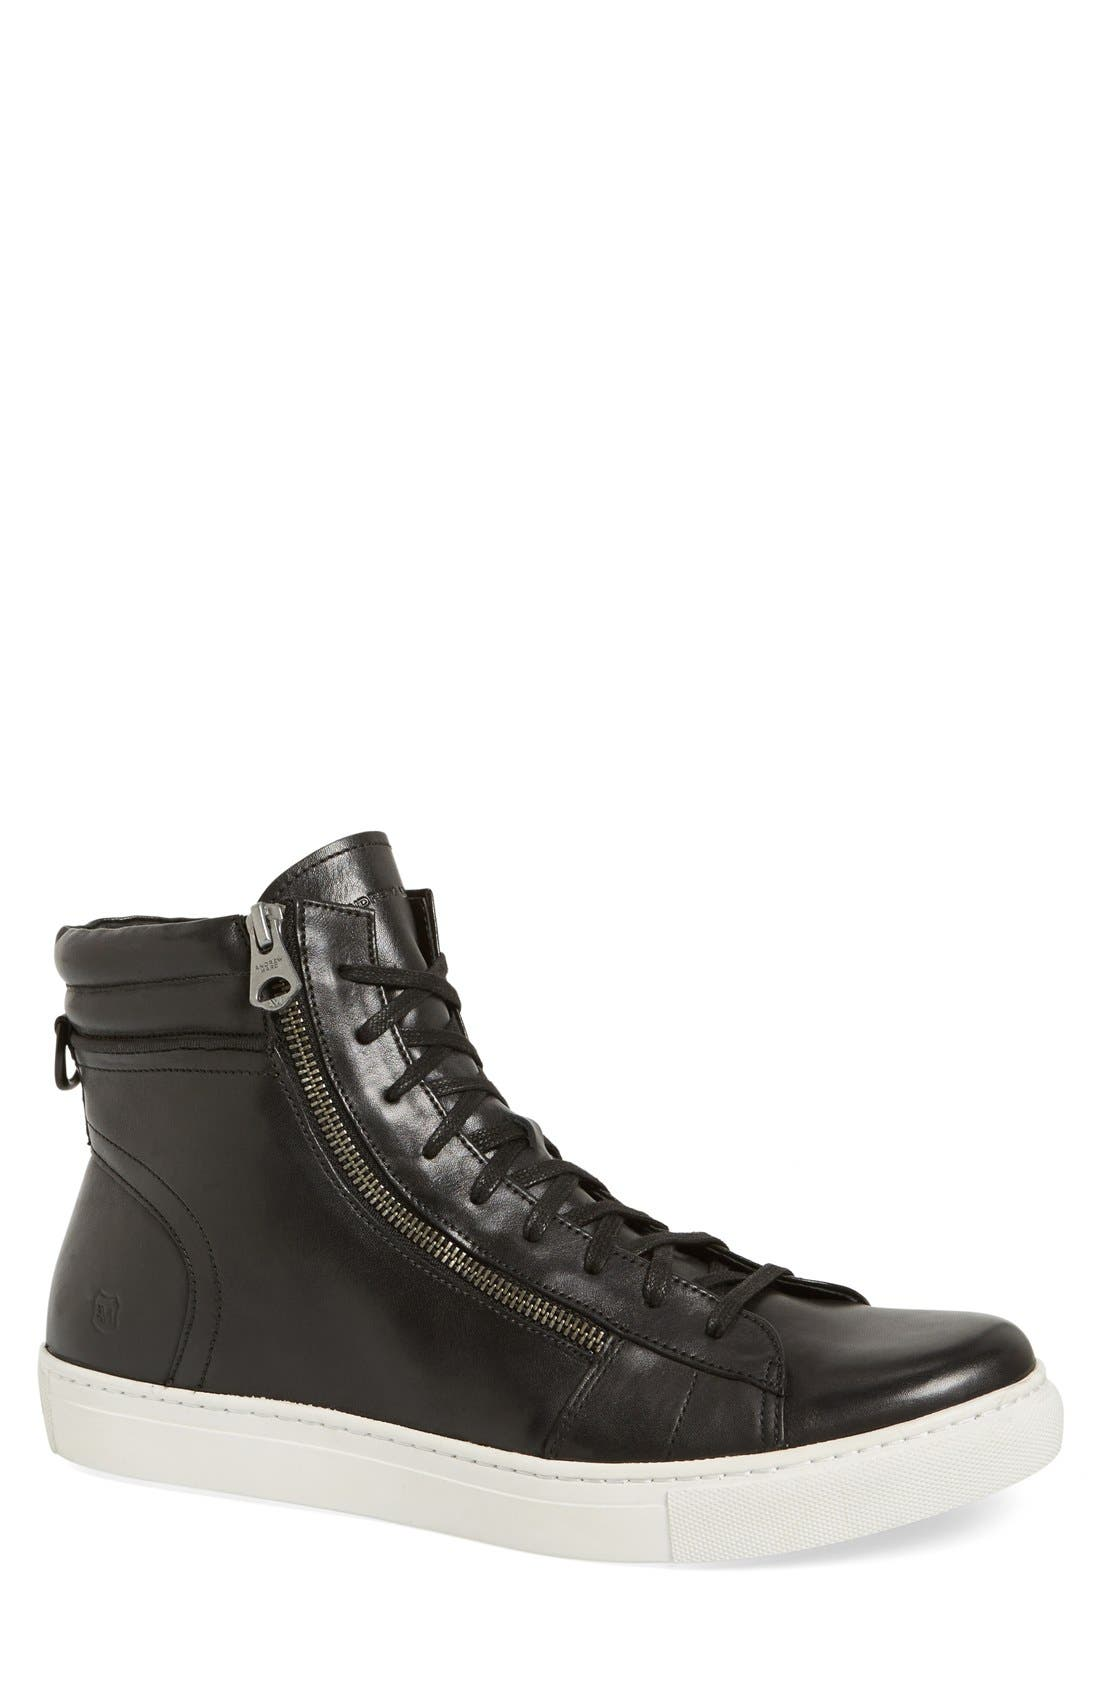 ANDREW MARC 'Remsen' Sneaker